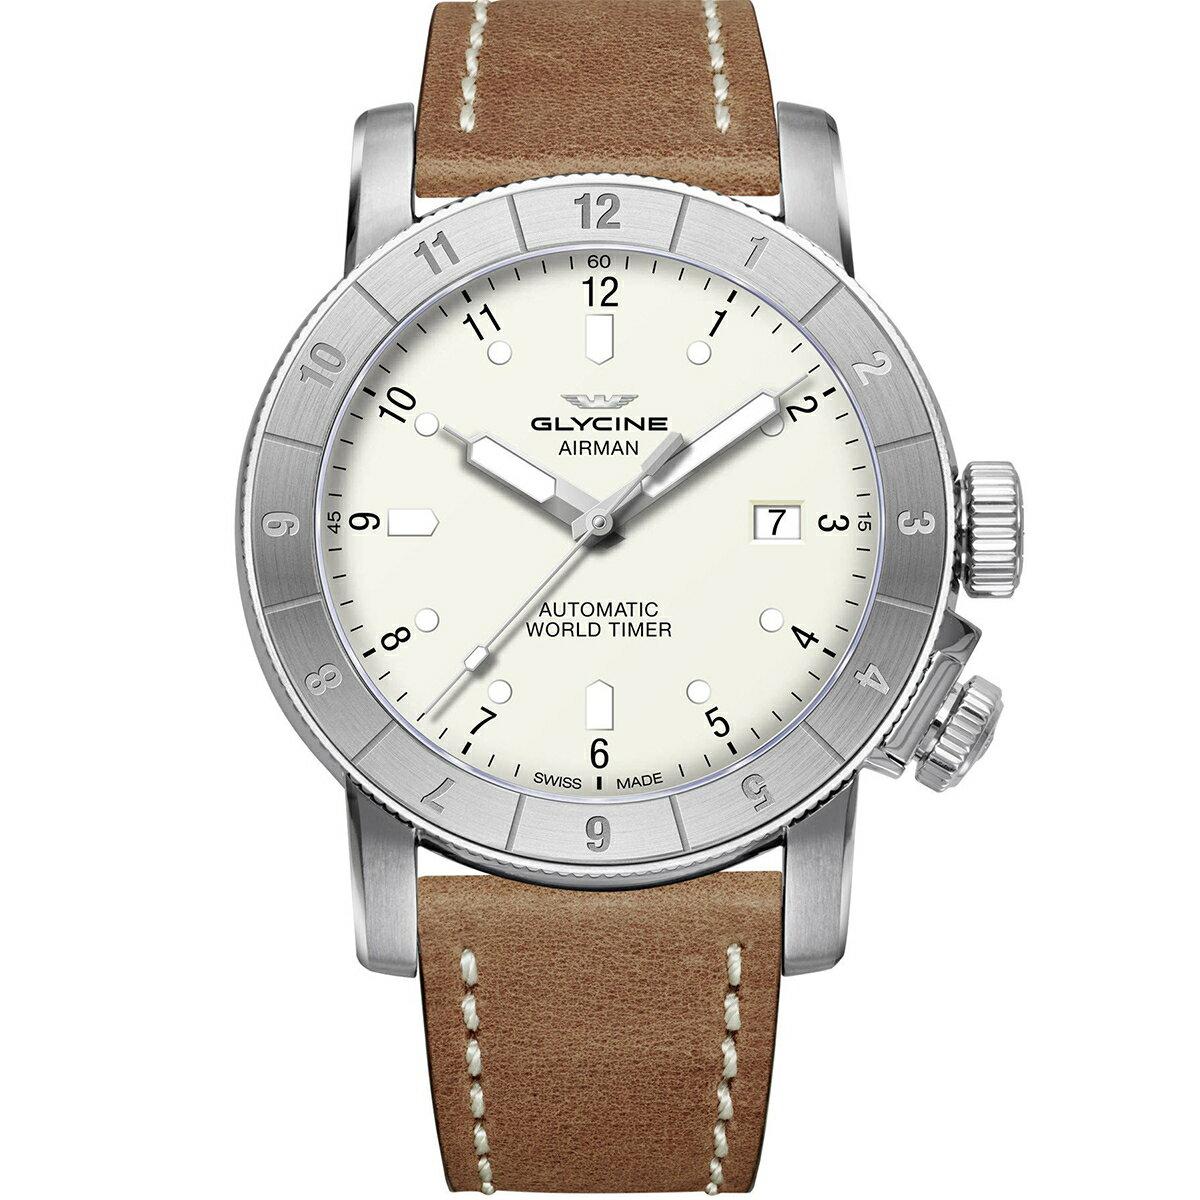 グライシン グリシン GLYCINE エアマン AIRMAN 42 DOUBLE TWELVE GL0061 メンズ 時計 腕時計 自動巻き オートマチック スイス製 スイスメイド ワールドタイム表示